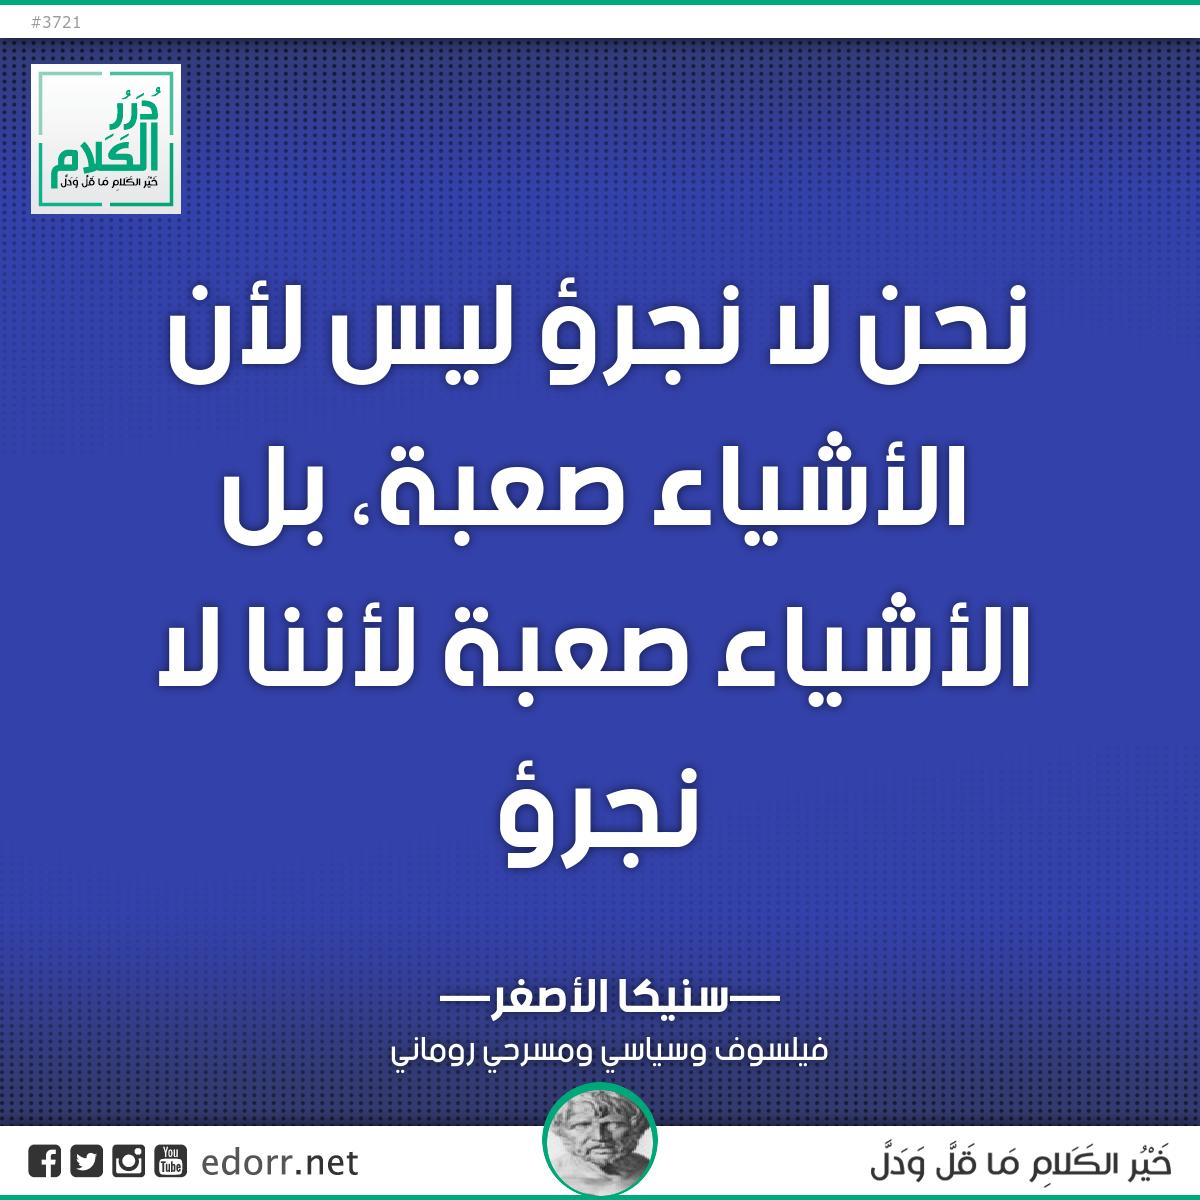 نحن لا نجرؤ ليس لأن الأشياء صعبة، بل الأشياء صعبة لأننا لا نجرؤ.